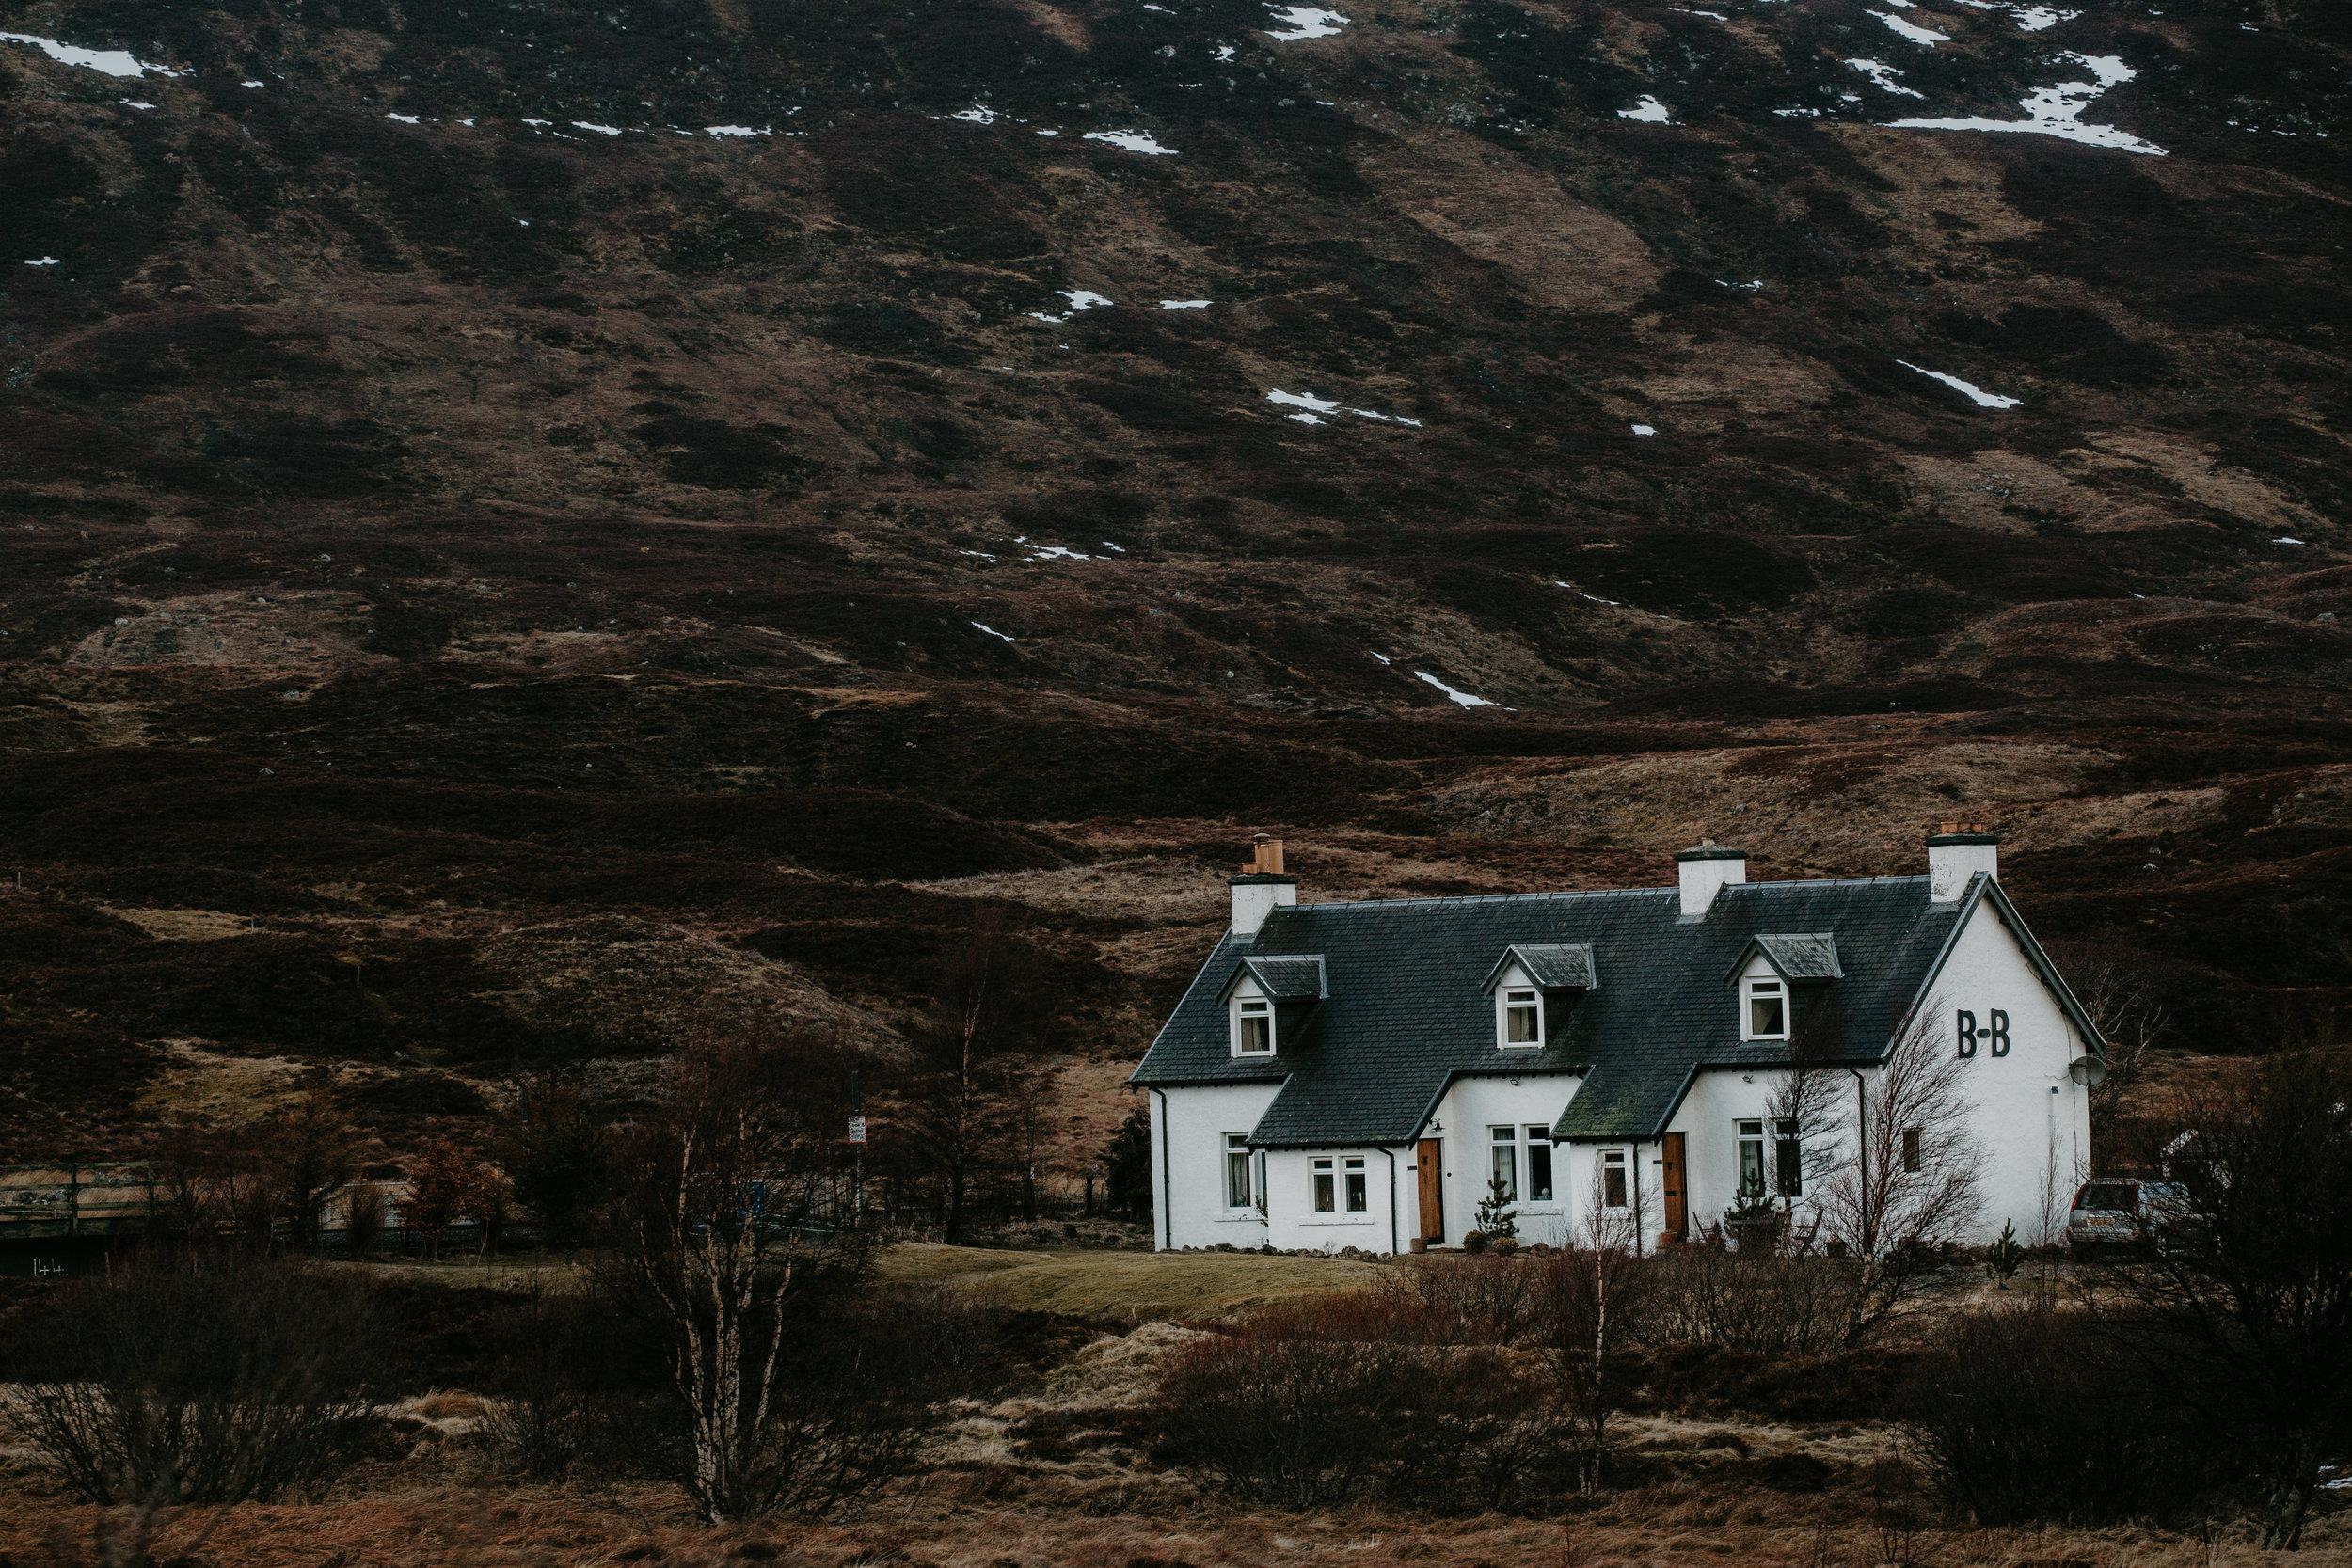 nicole-daacke-photography-scottish-highlands-elopement-wedding-photographer-isle-of-skye-elopement-photography-scotland-landscape-photography-culloden-inverness-stirling-destination-wedding-united-kindgom-wedding-photographer-10.jpg